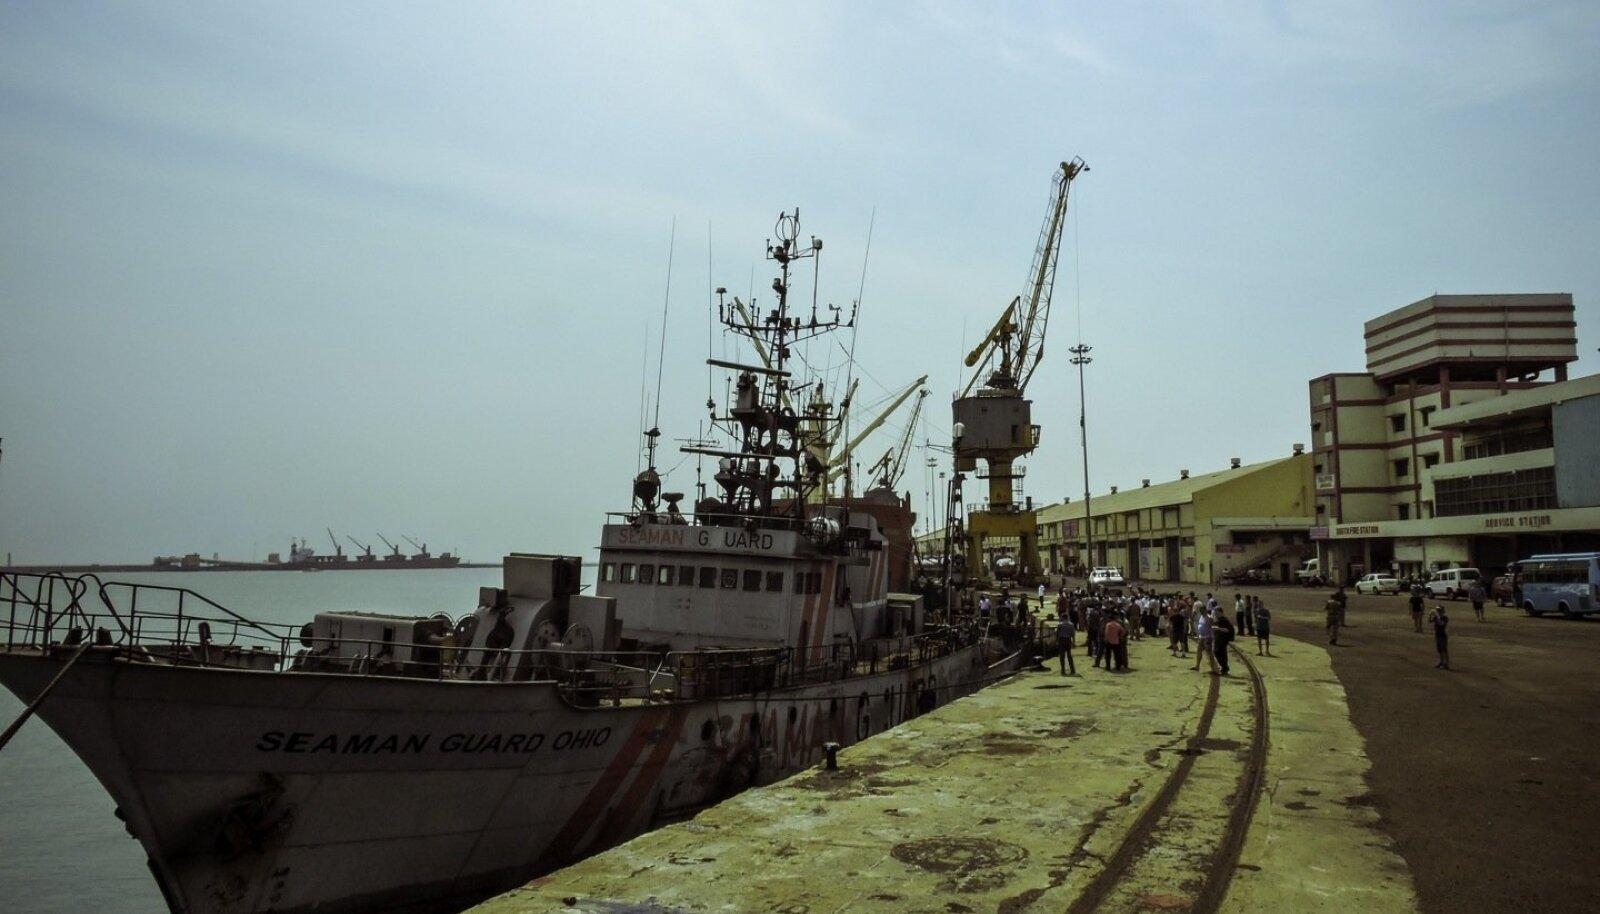 Seaman Guard Ohio, mis piraadiküti eelmisel aastal tehtud fotol Indias kai ääres roostetas, pole ametlike dokumentide järgi üldse laev, vaid paat. Aluse omanik on kadunud kui vits vette.